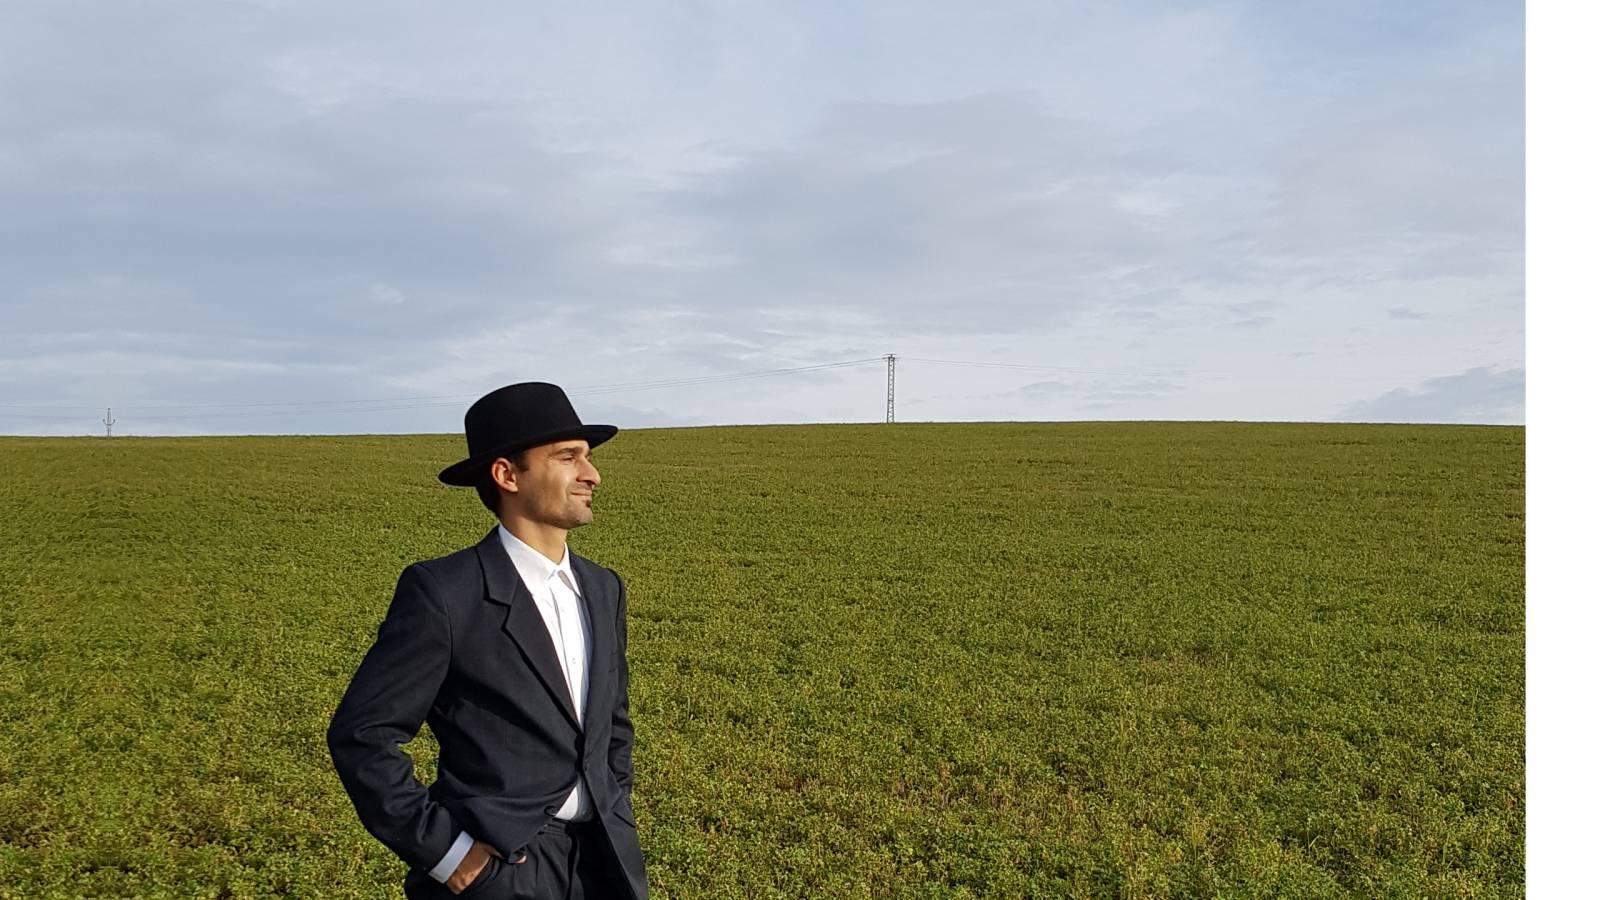 Radek Banga (Gipsy.cz) interview: Musíme mít naději v lepší zítřky